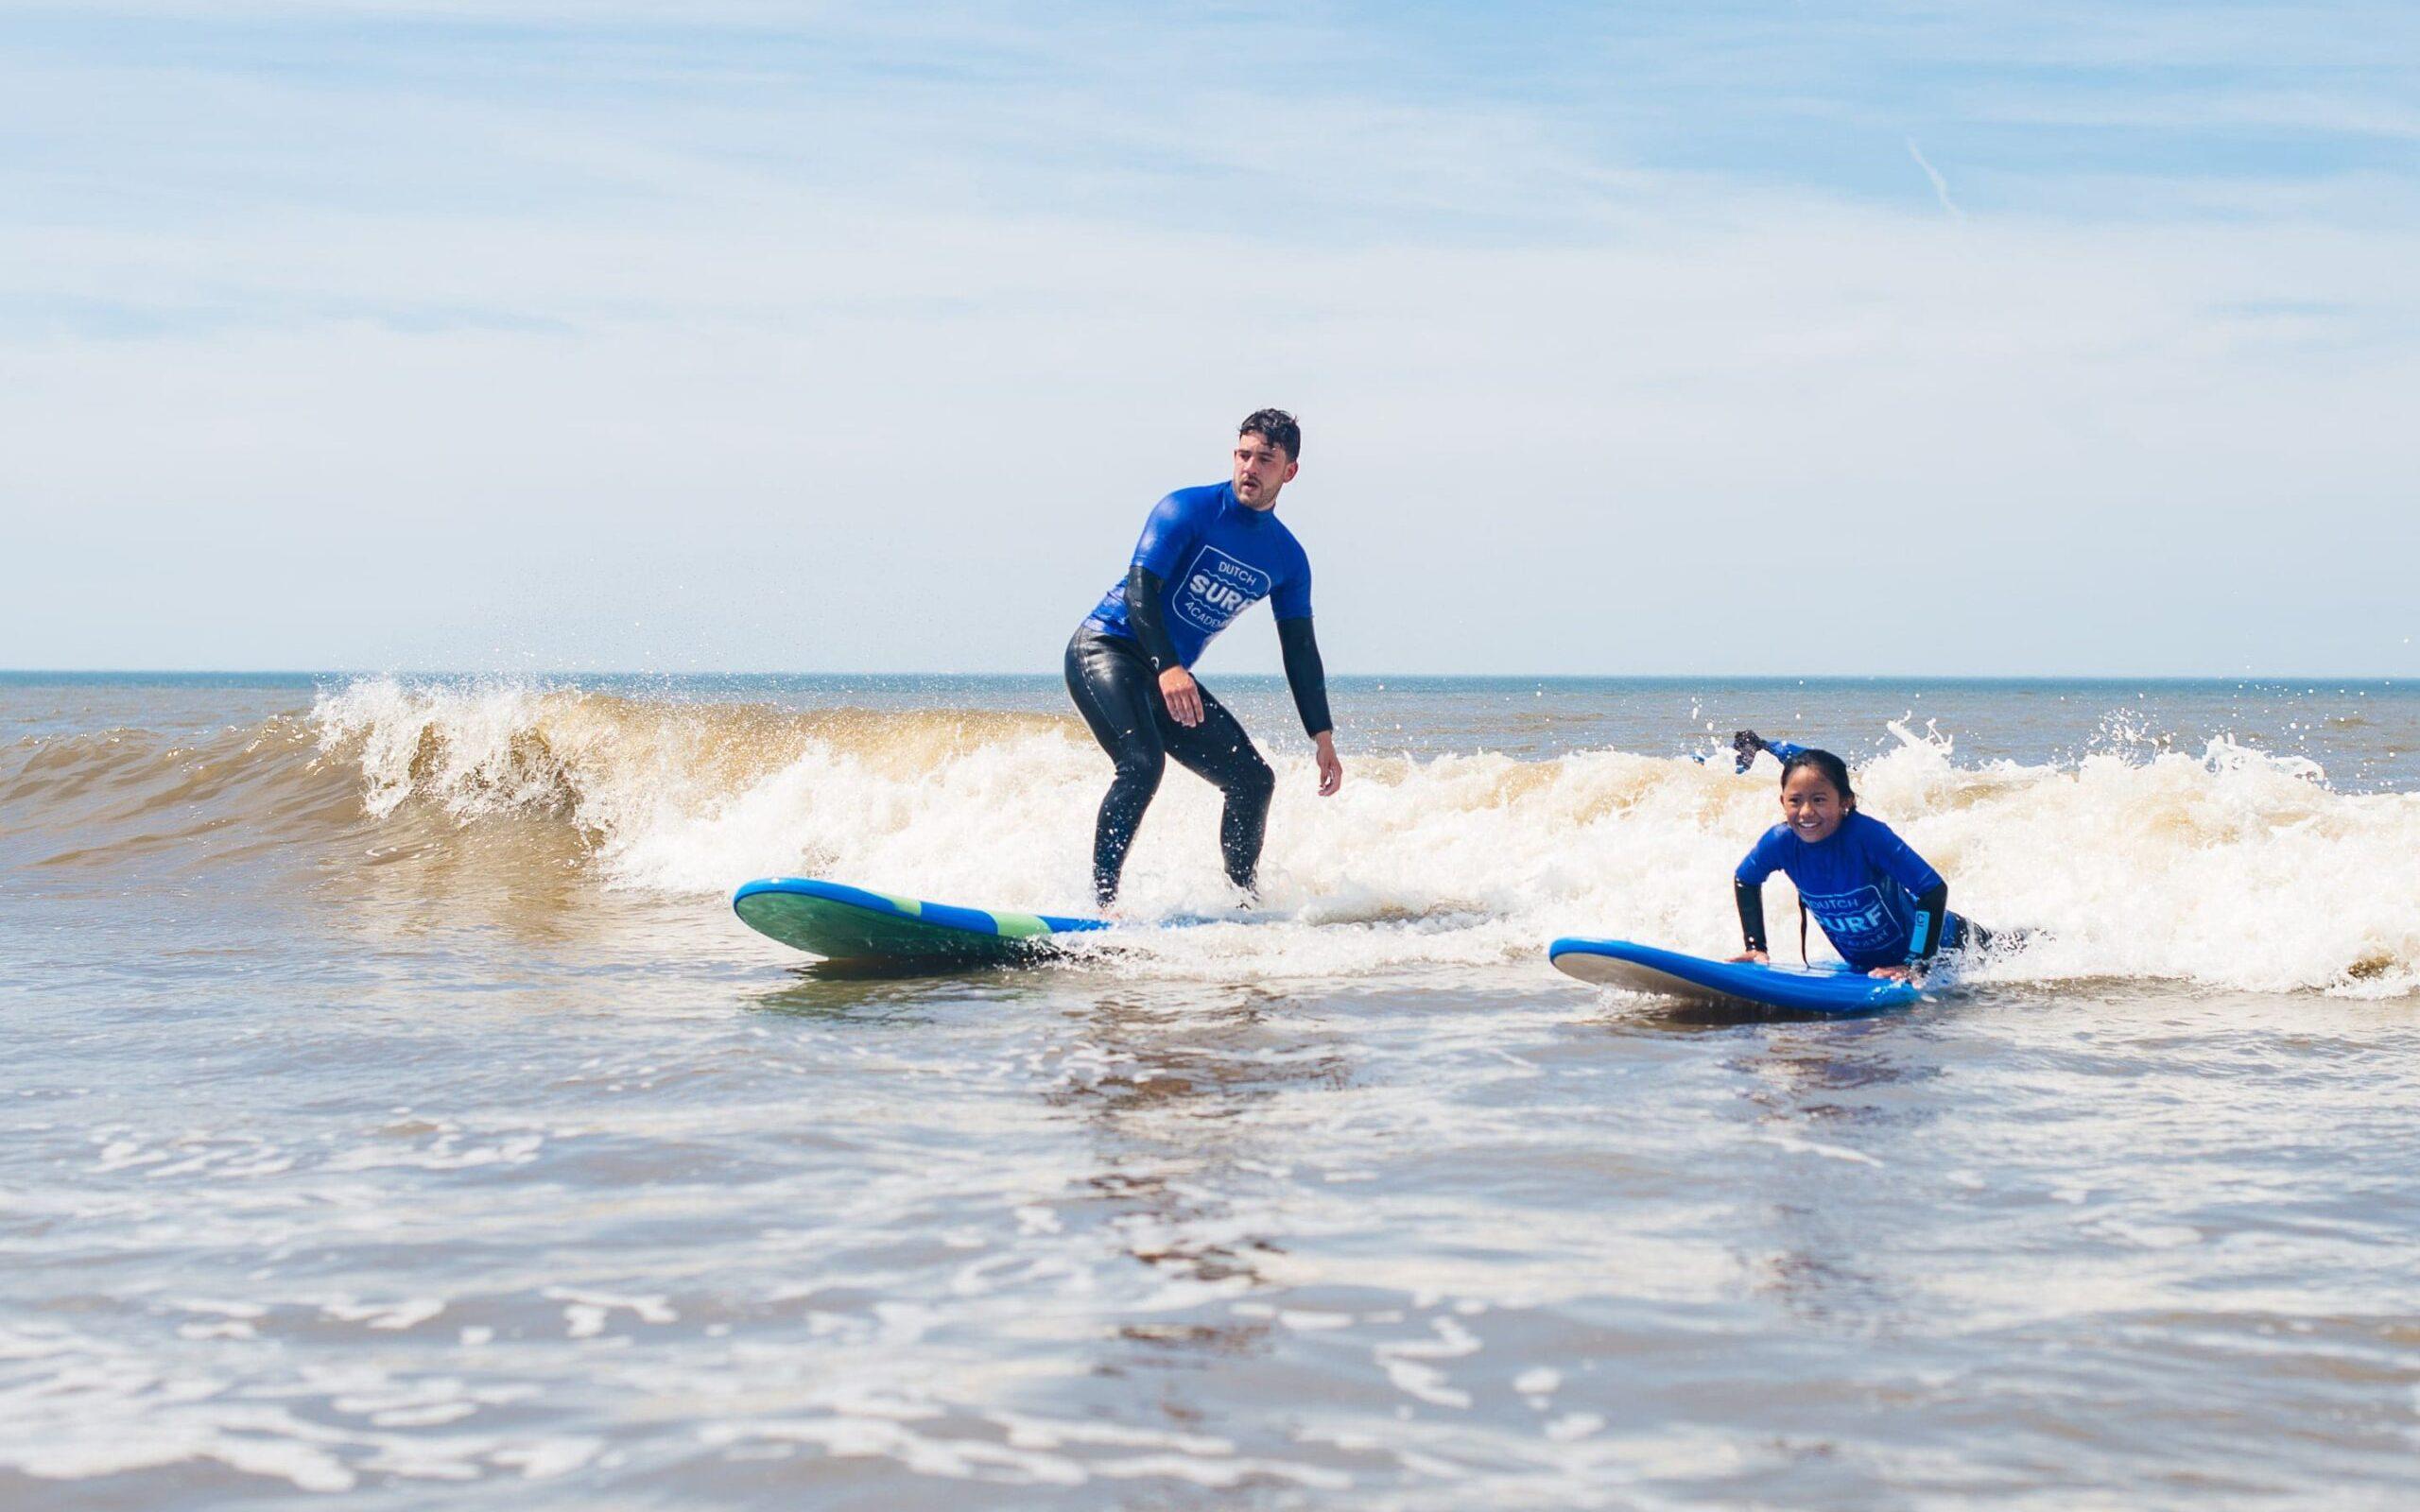 Familie aan het surfen